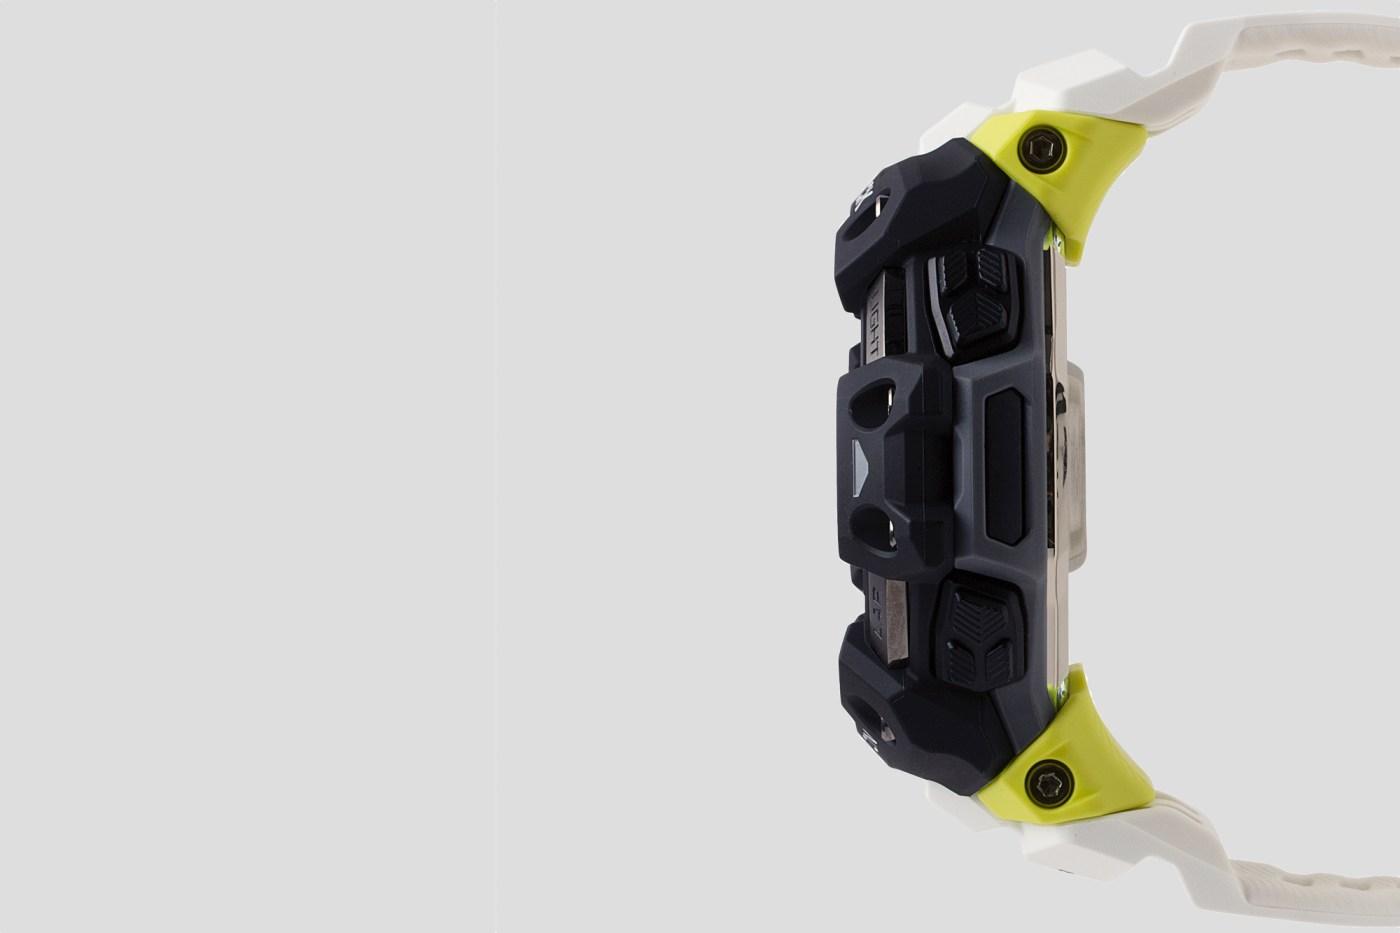 G-Shock Move GBDH1000-1A7 profile